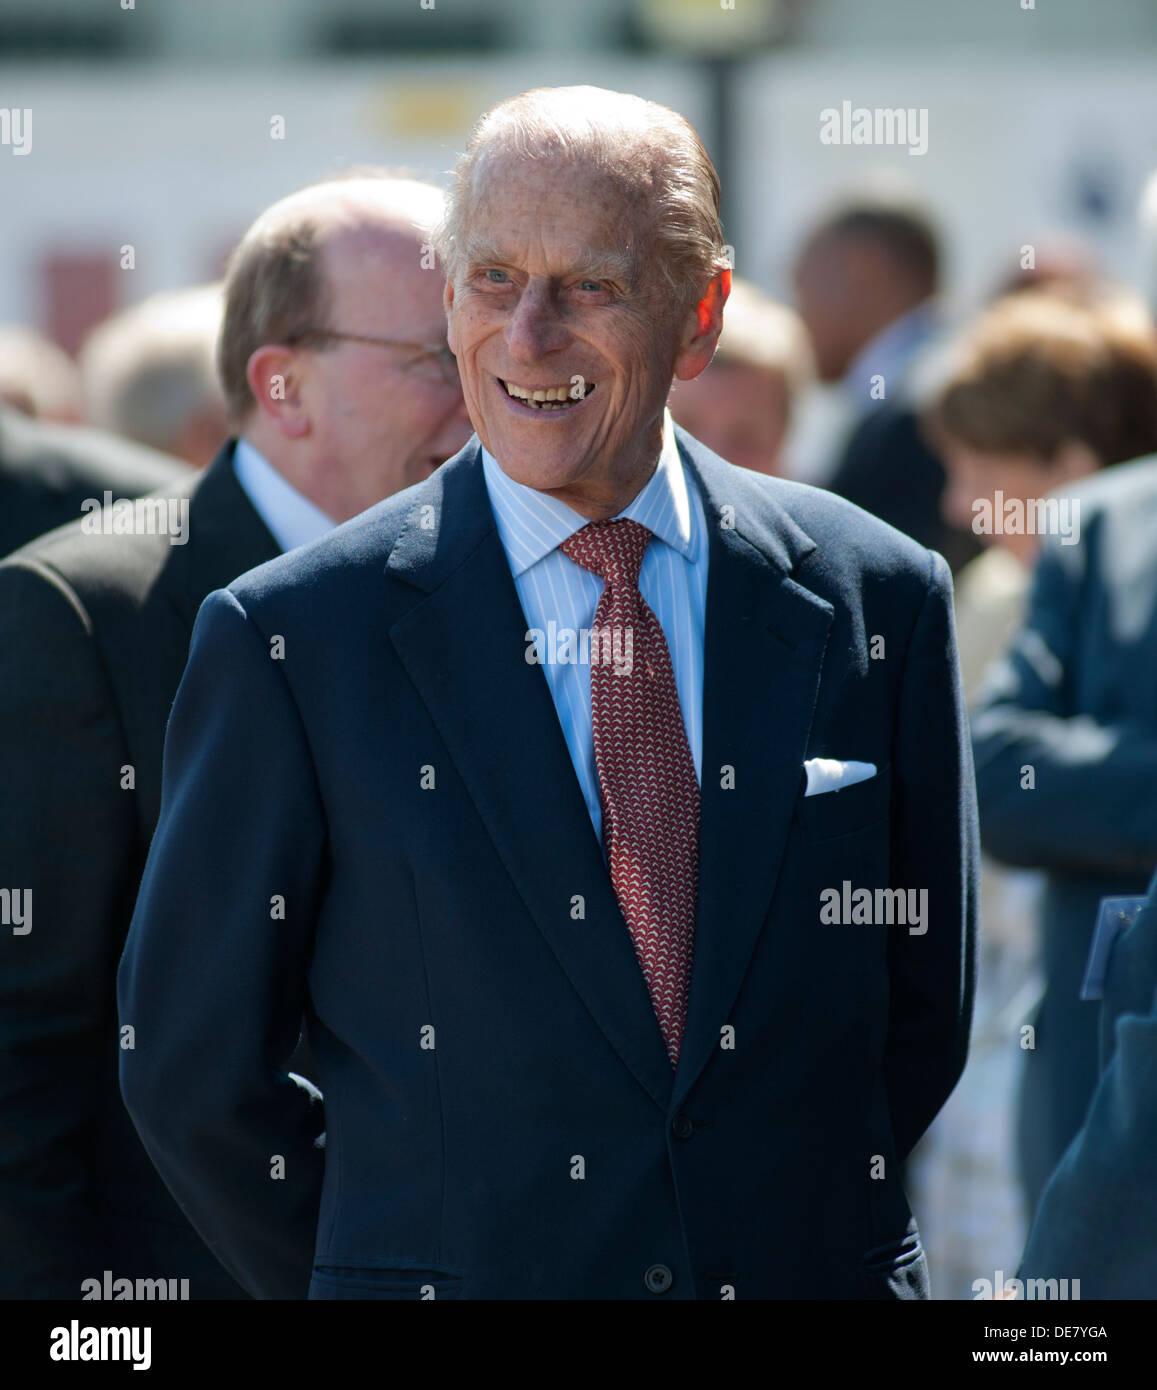 S.a.r. el Príncipe Felipe, Duque de Edimburgo, de 93 años, visita SS Robin los mundos más antiguo vapor completo,Victoria Docks, Londres, Inglaterra. Imagen De Stock